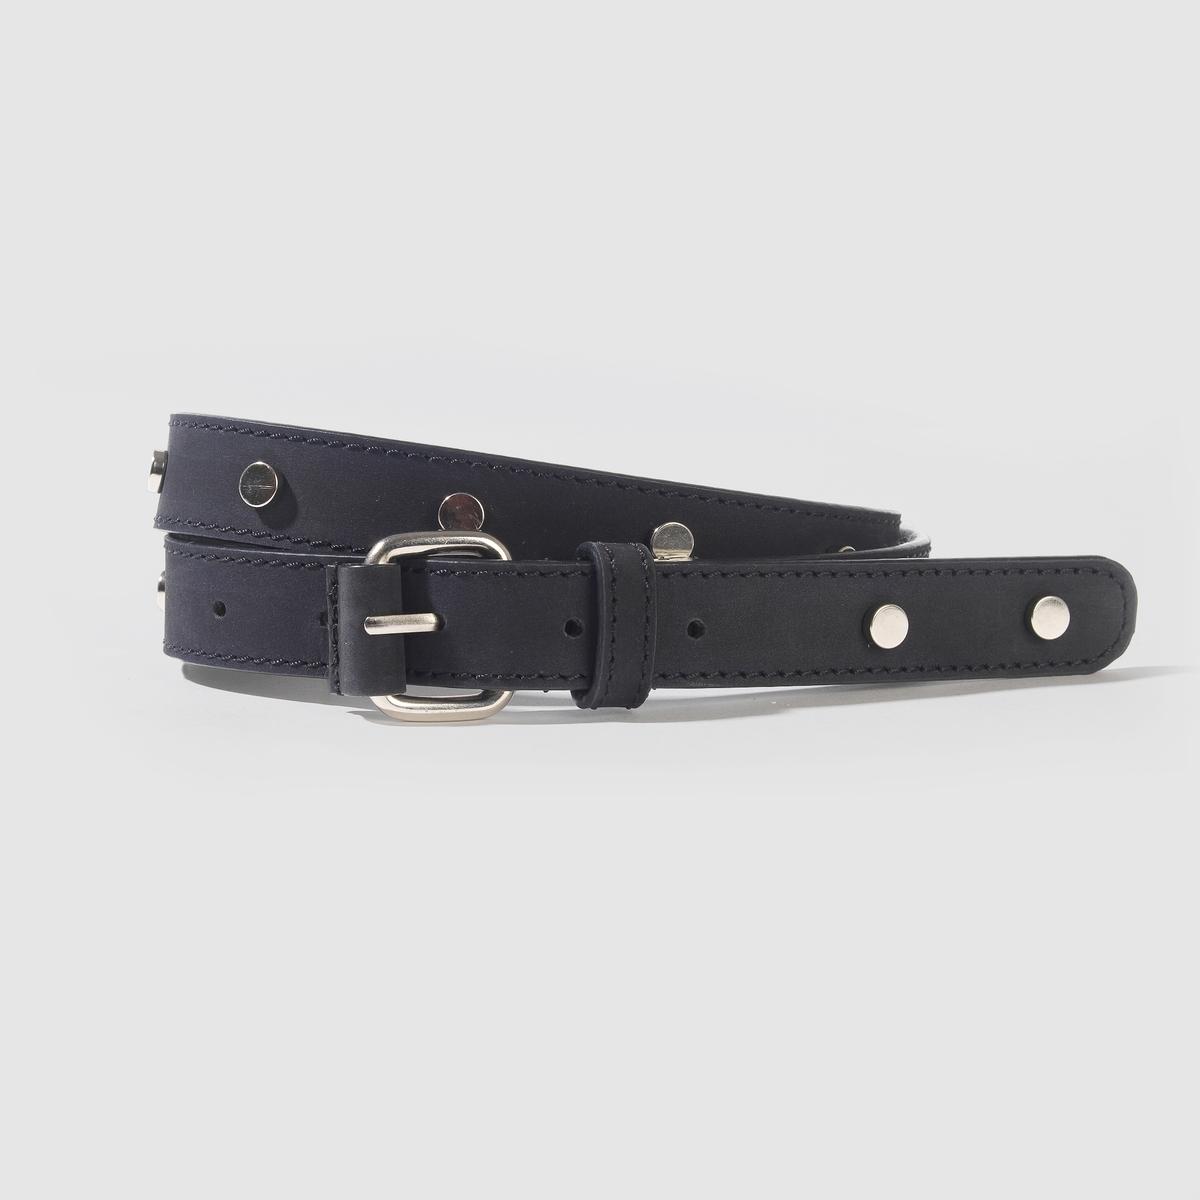 Ремень кожаныйКожаный ременьМарка: Carven X La Redoute.Материал: буйволовая кожа.Застежка: на металлическую пряжку.Ширина: .8,5 смРазмер: 75 см, 85 см, 95 см.<br><br>Цвет: белый,черный<br>Размер: 95 см.95 см